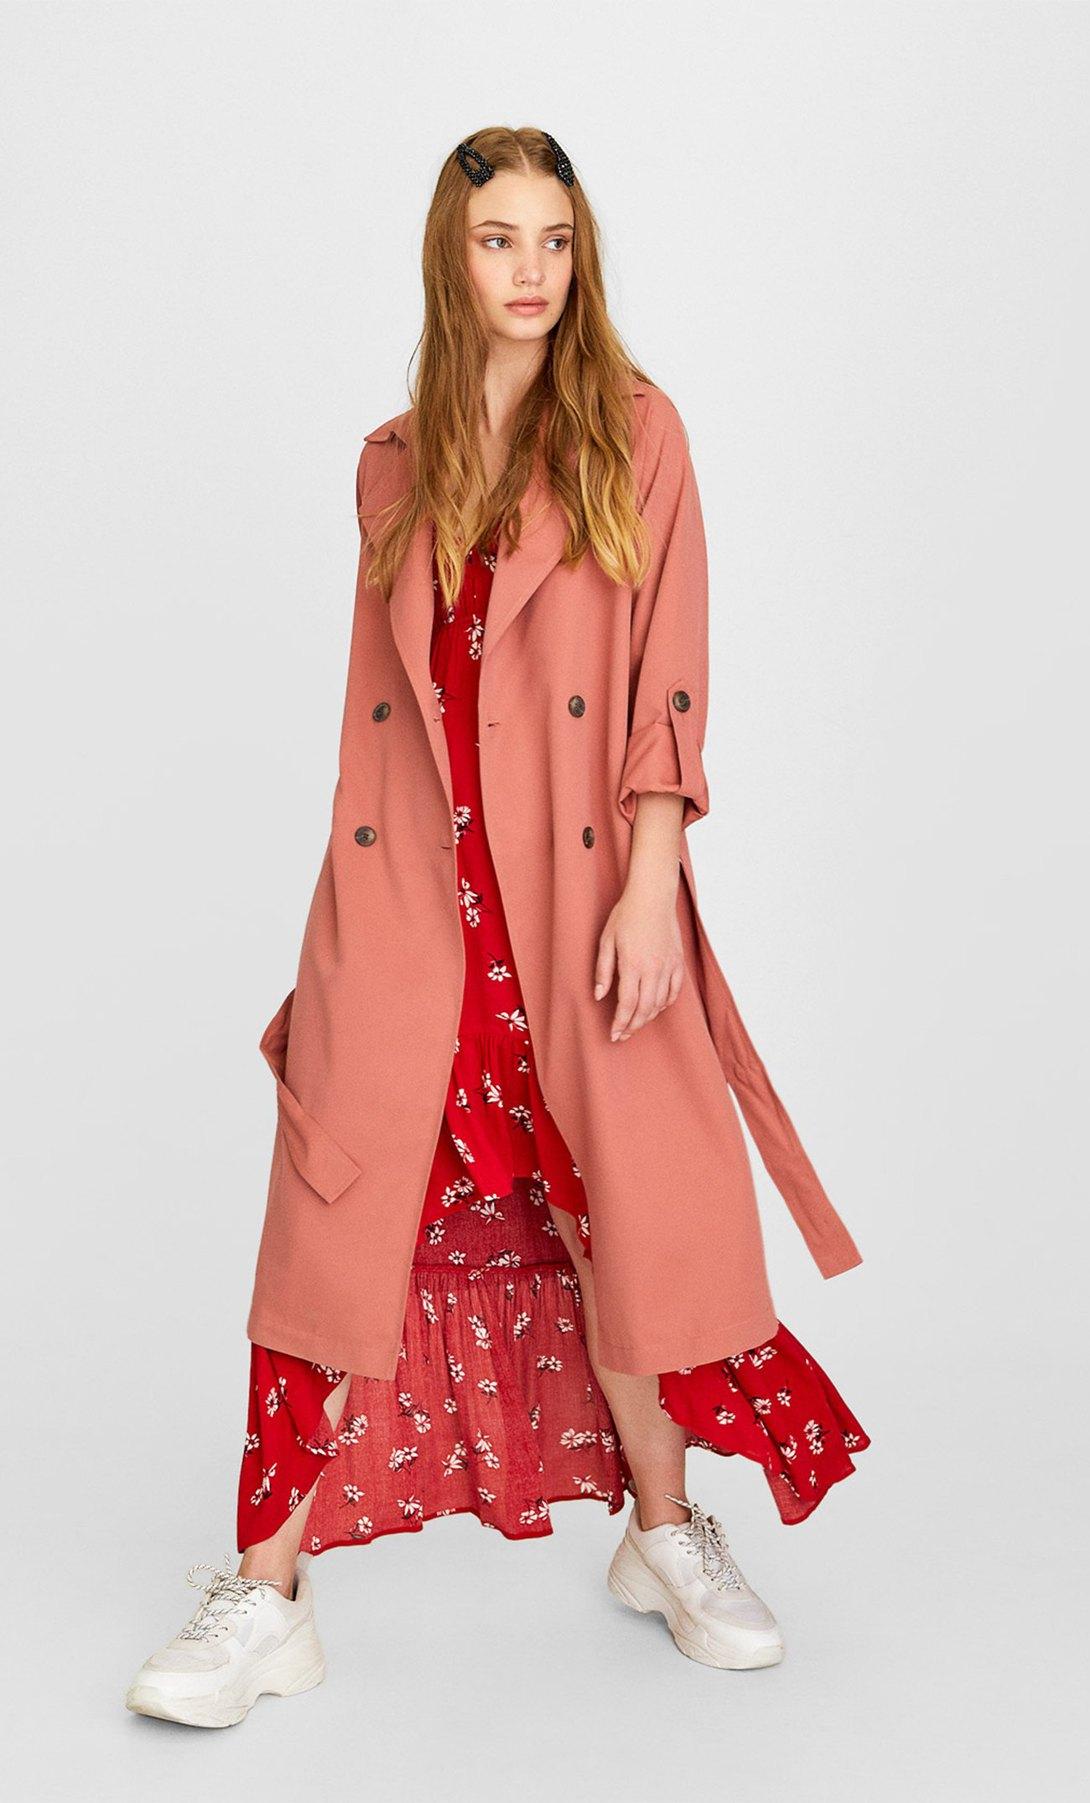 áo khoác dáng dài màu hồng stradivarius